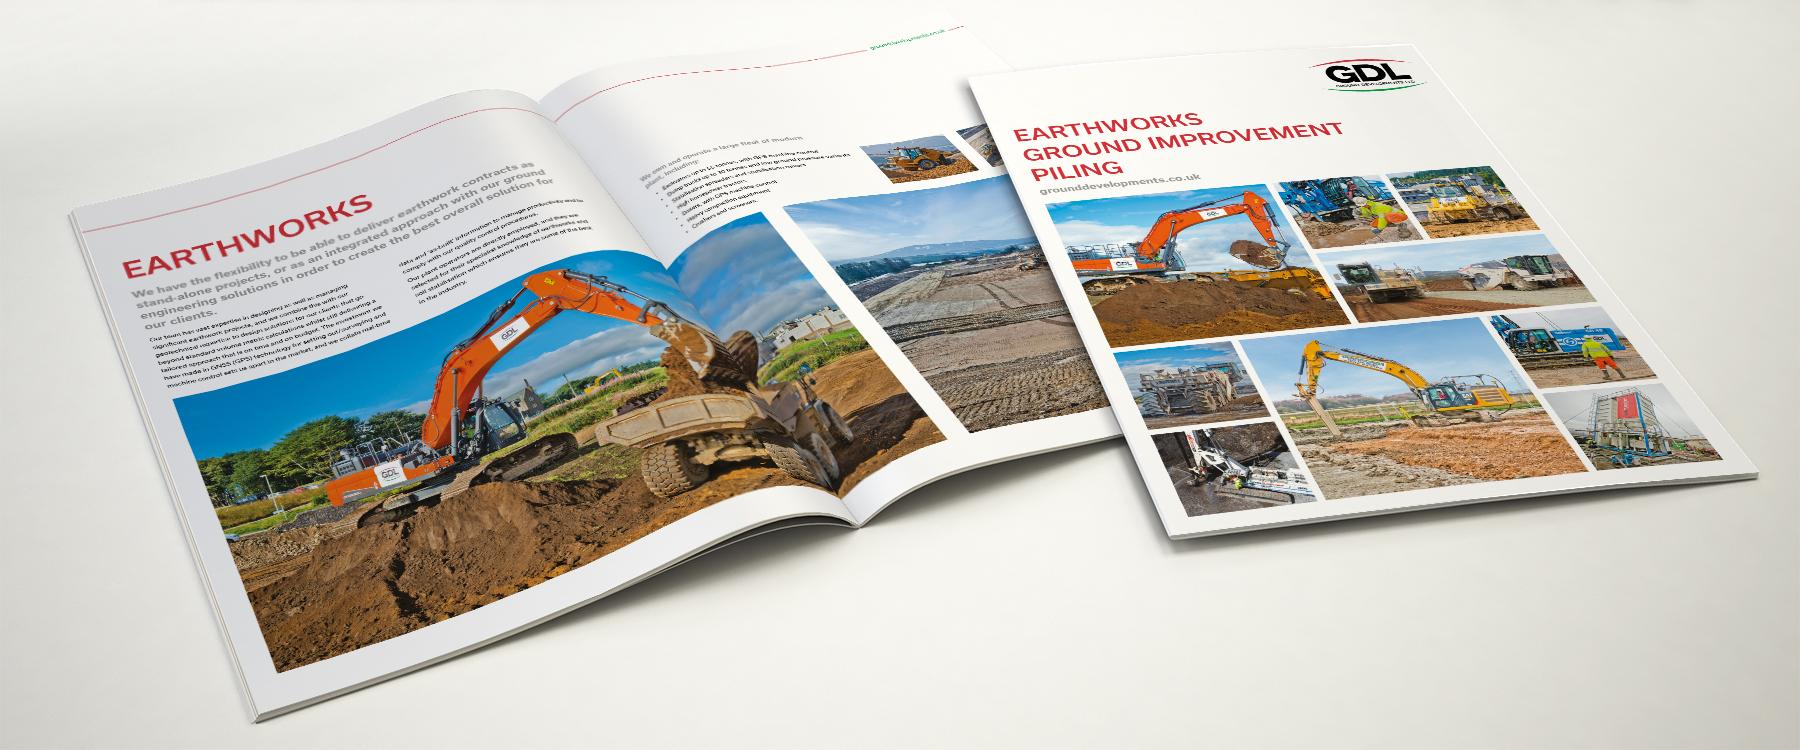 GDL-Brochure-Mockup